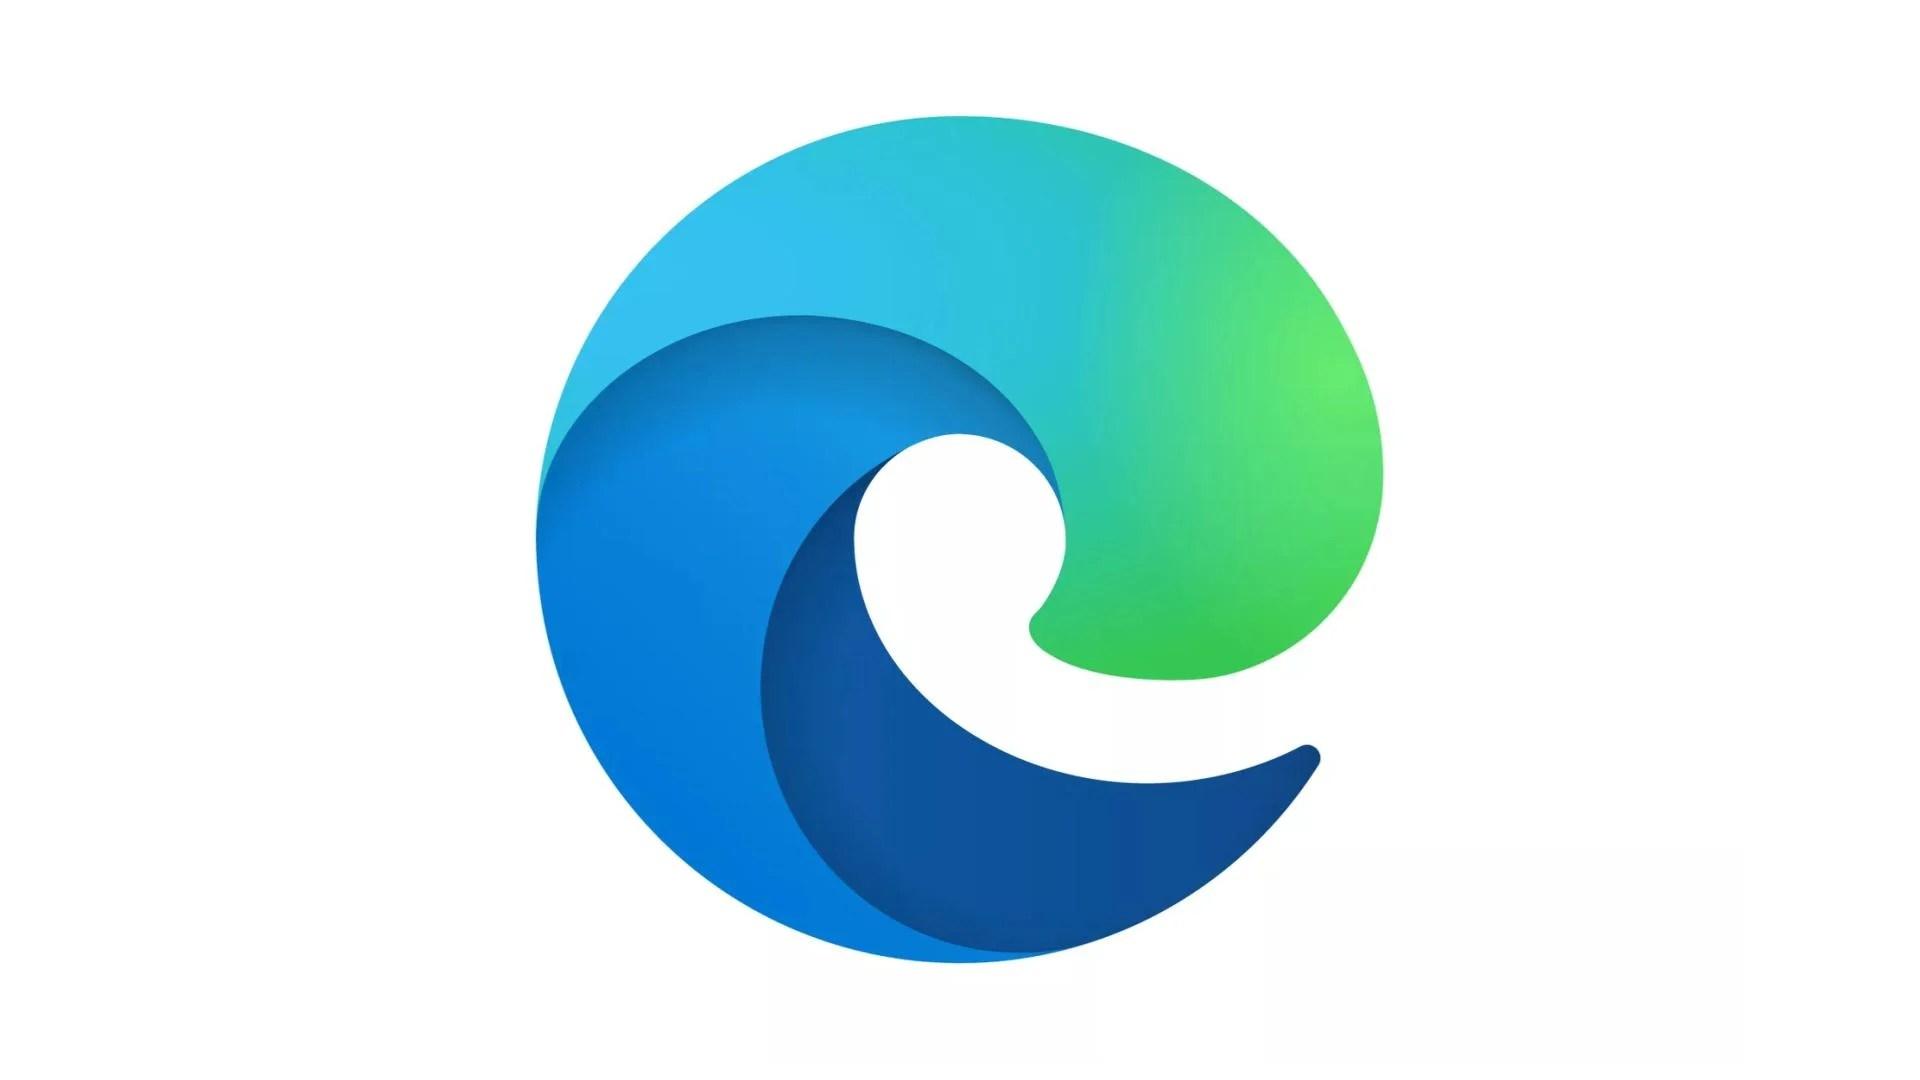 Microsoft Edge propose de bloquer certains téléchargements pour votre bien